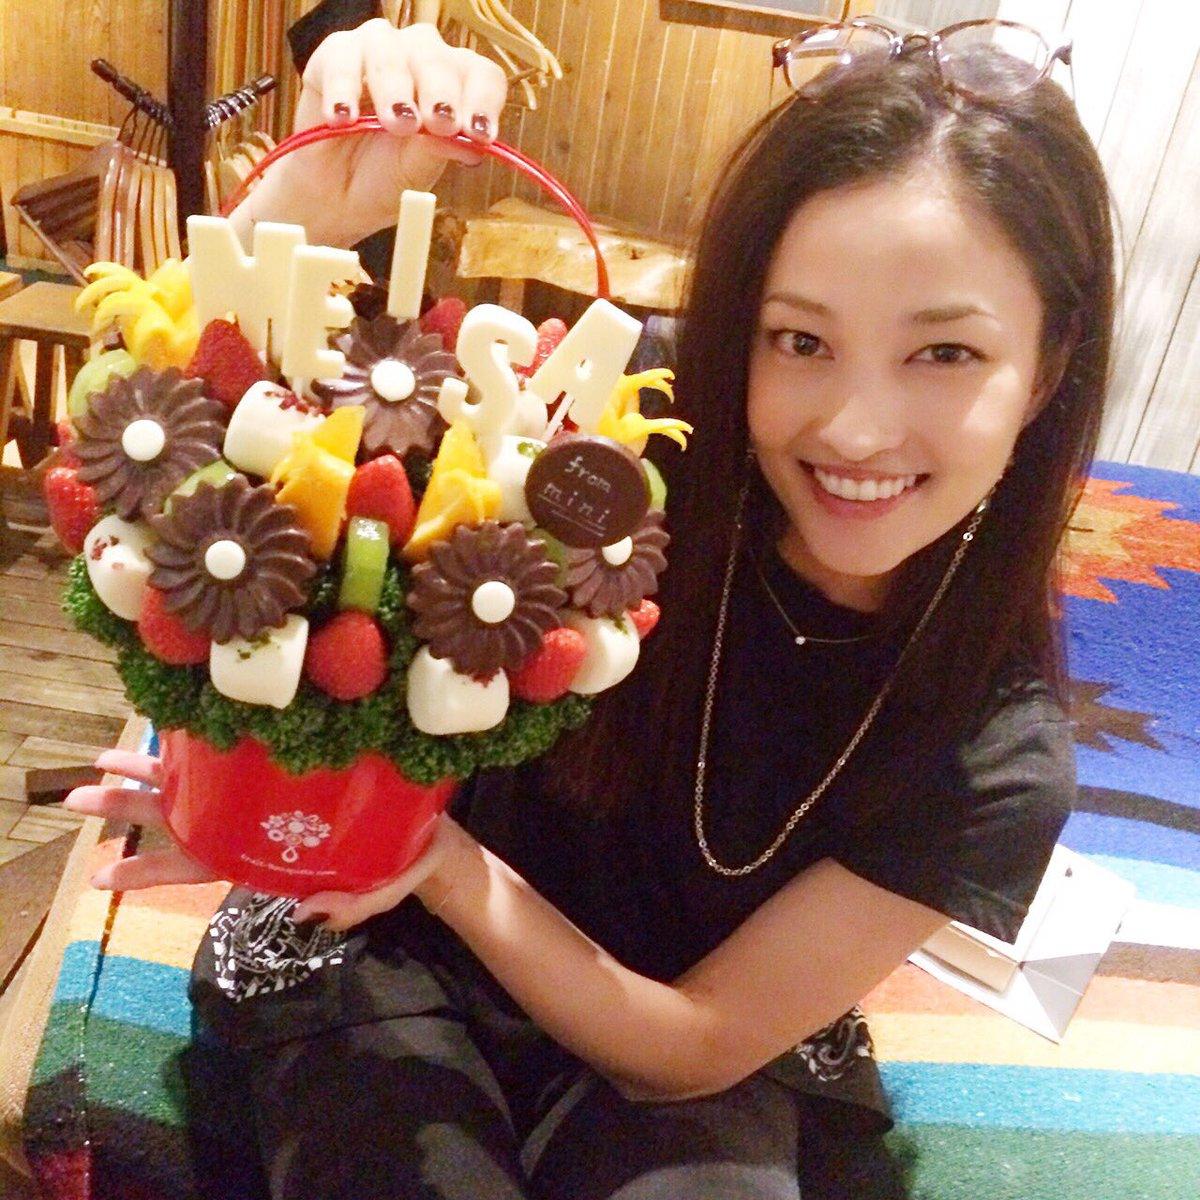 たくさ〜〜んのおめでとうありがとう♡Thanks for all the birthday wishes!! https://t.co/symZ3AkU6S